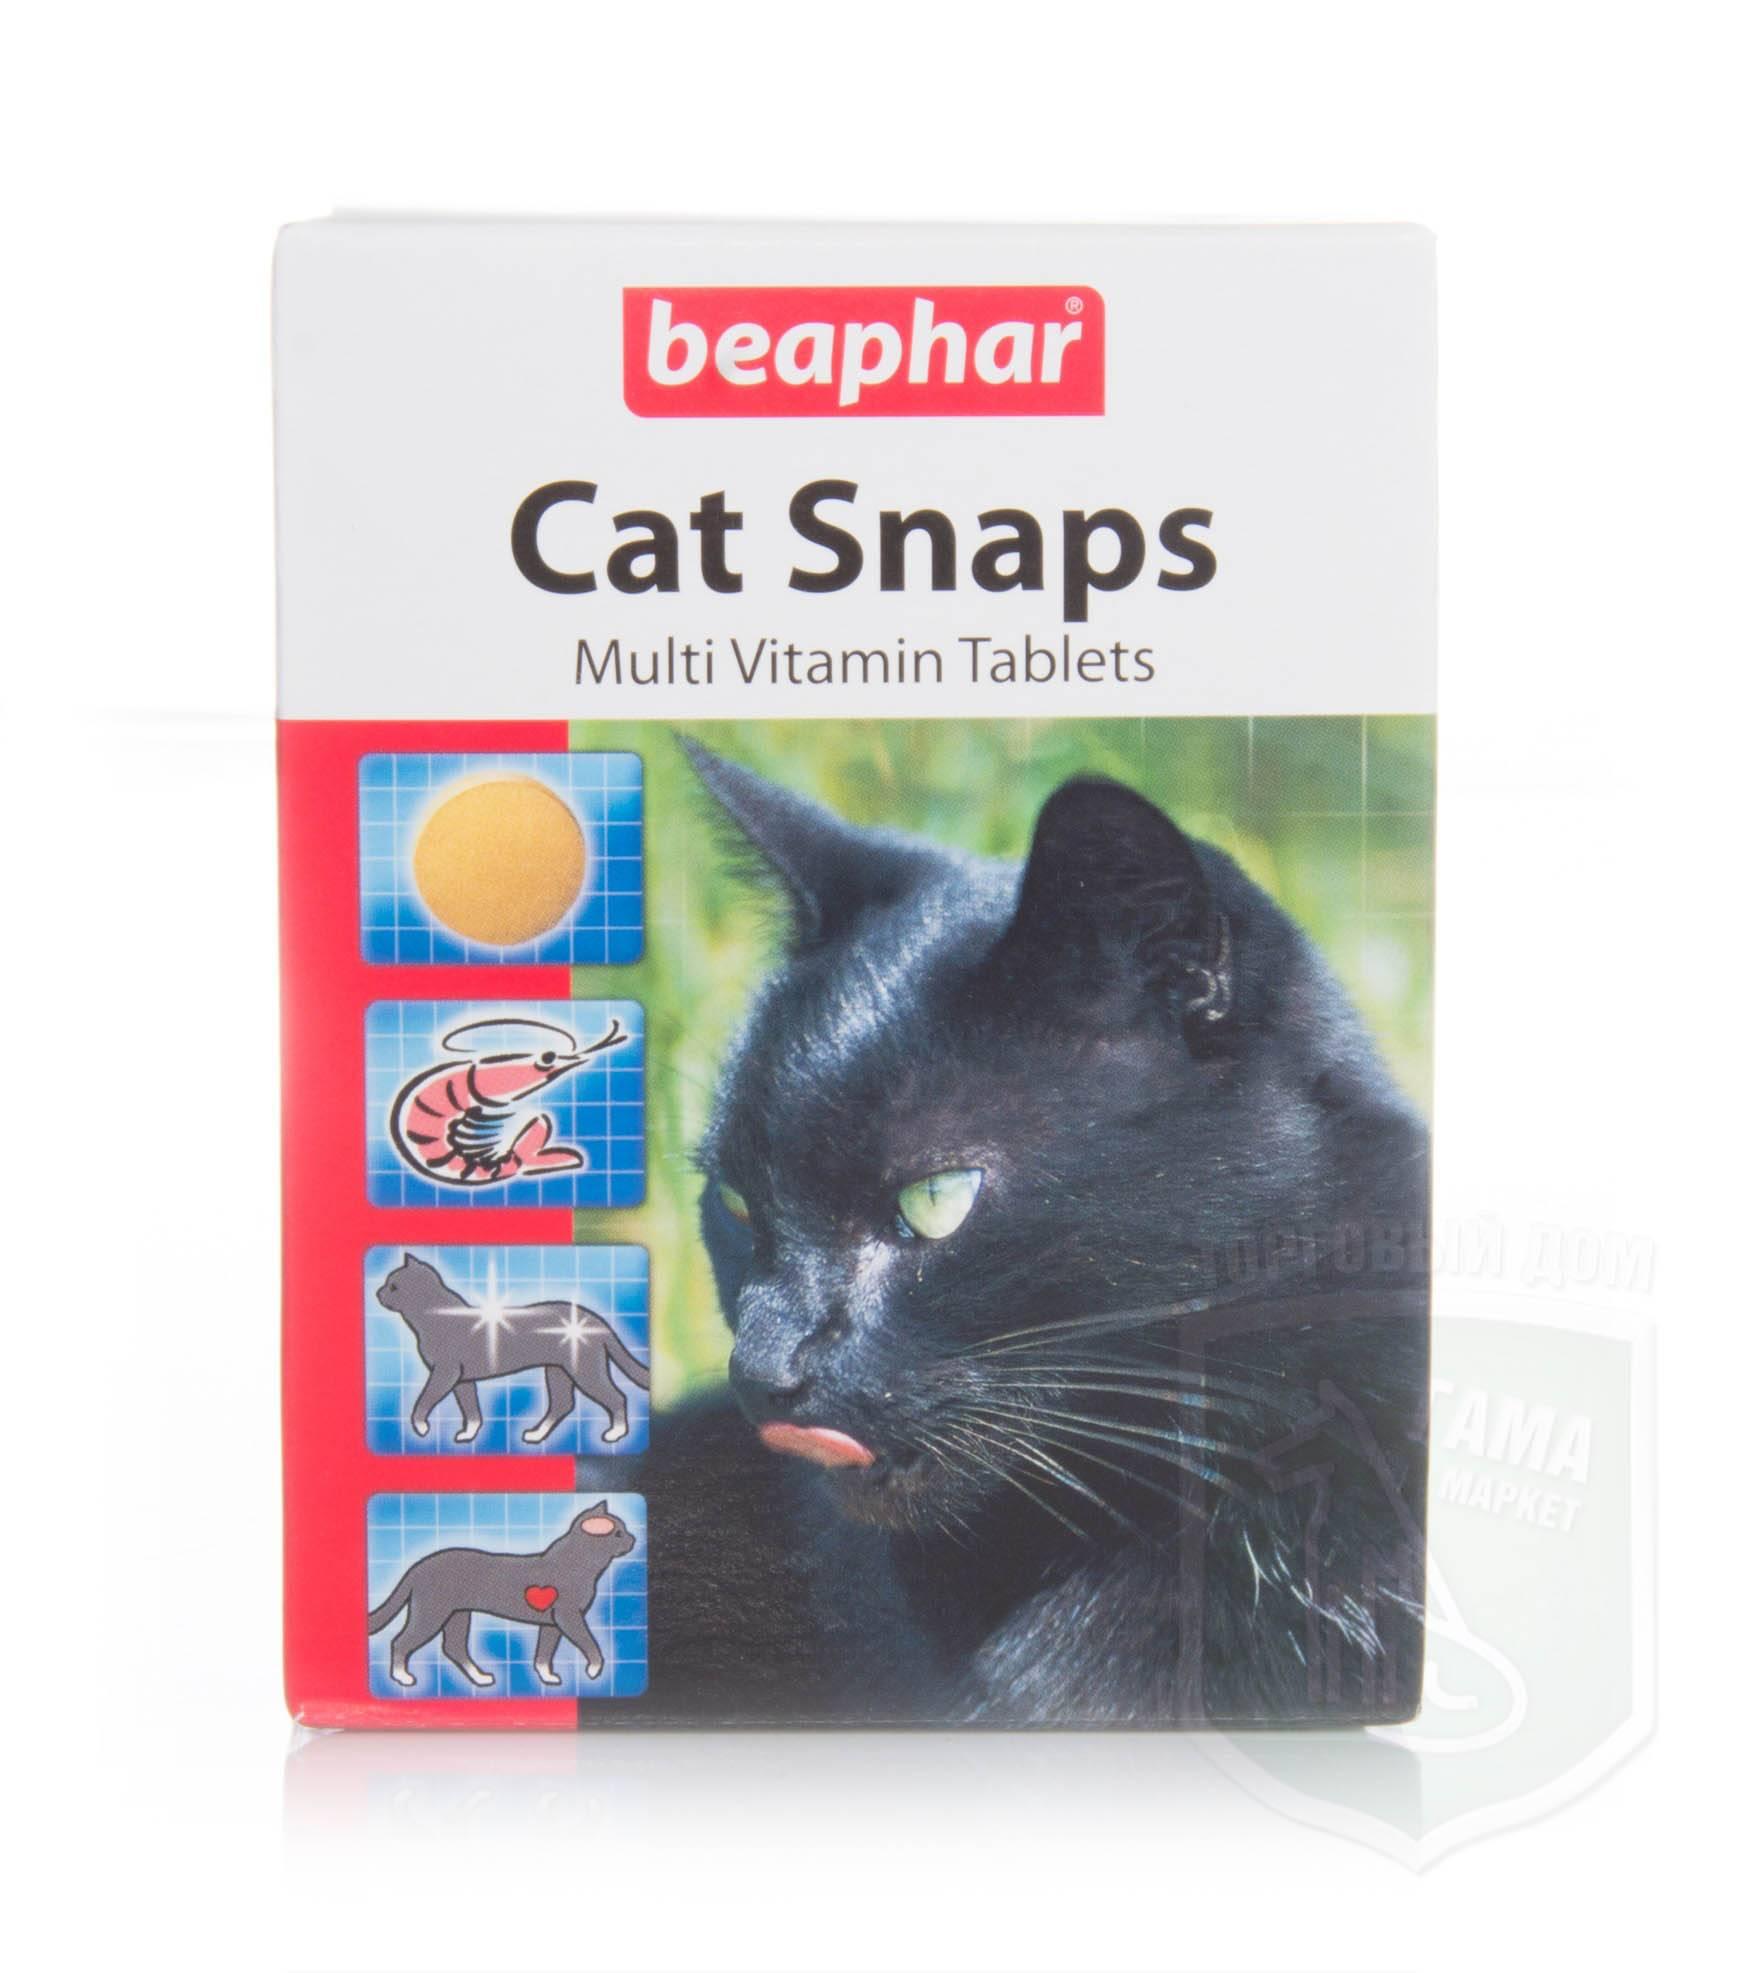 Беафар / beaphar (витамины) для кошек и котят, собак и щенков, птиц, шиншилл | отзывы о применении препаратов для животных от ветеринаров и заводчиков